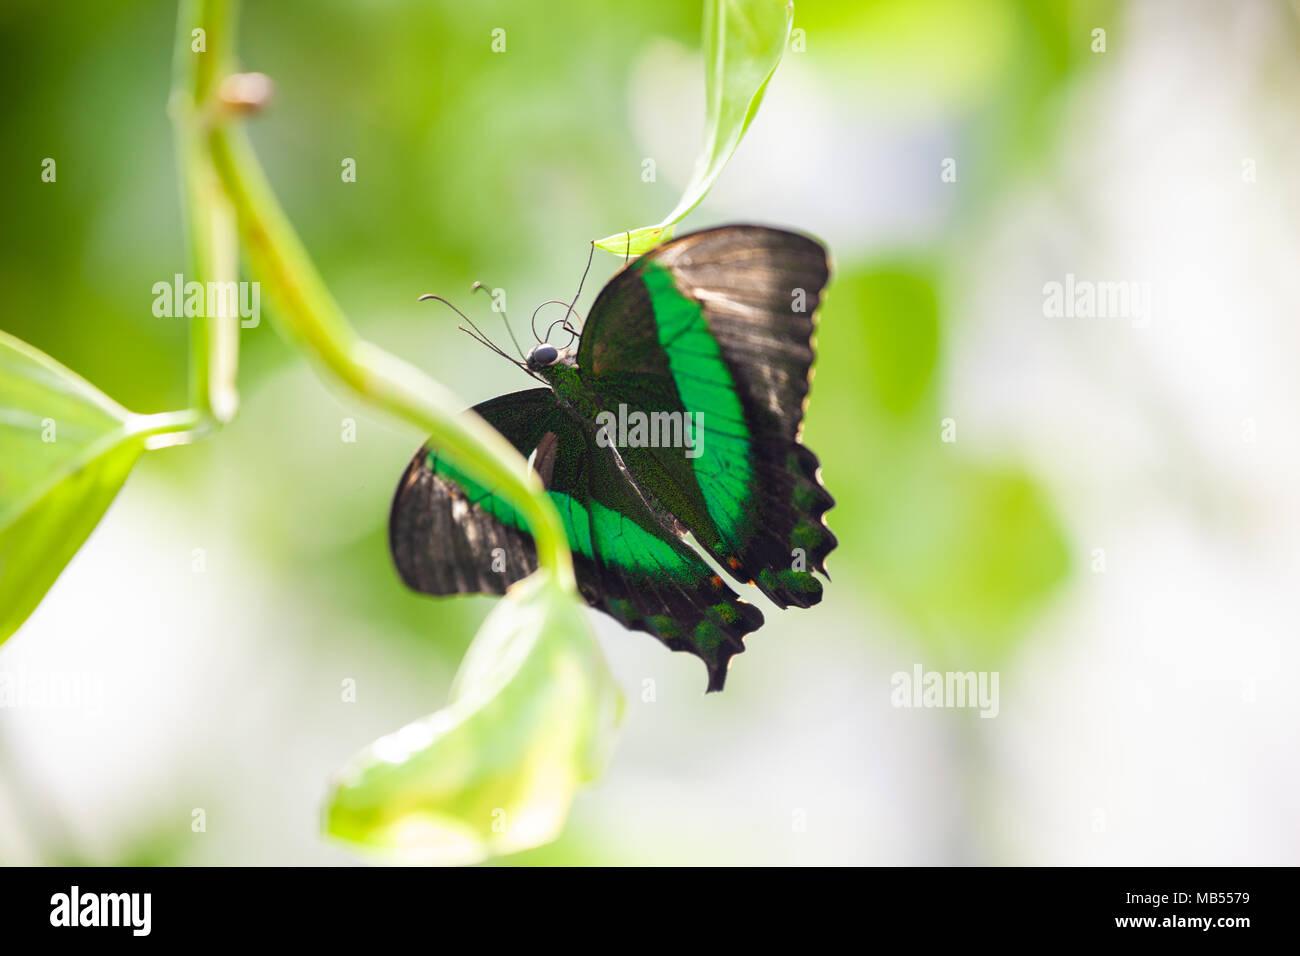 Emerald Schwalbenschwanz Schmetterling (Papilio Palinurus-arten) Festhalten an ein Blatt. Stockbild